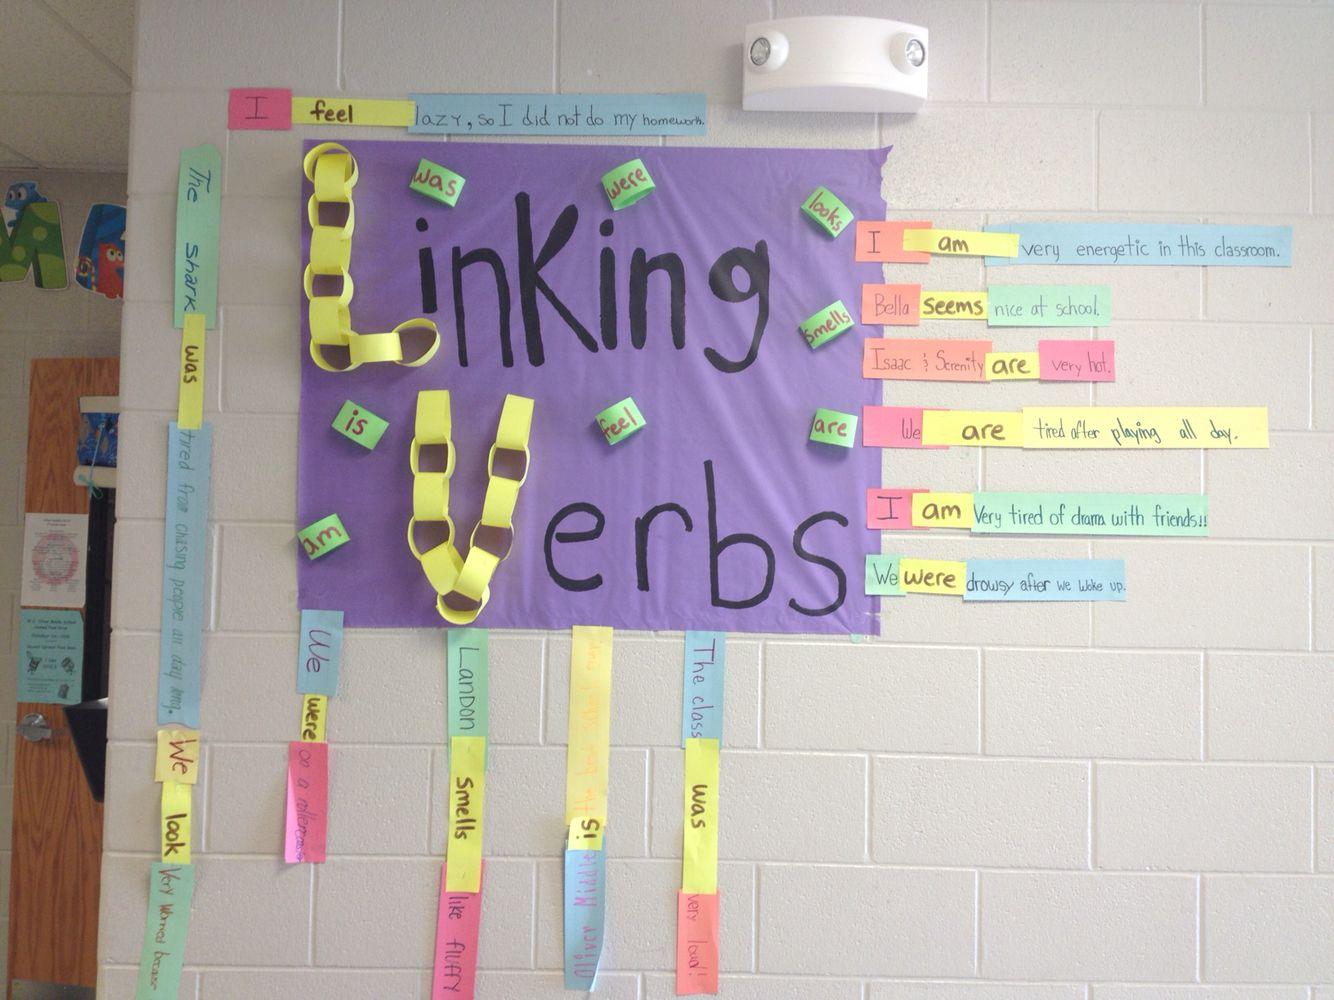 Linking Verbs Hallway Anchor Chart Not A True Anchor